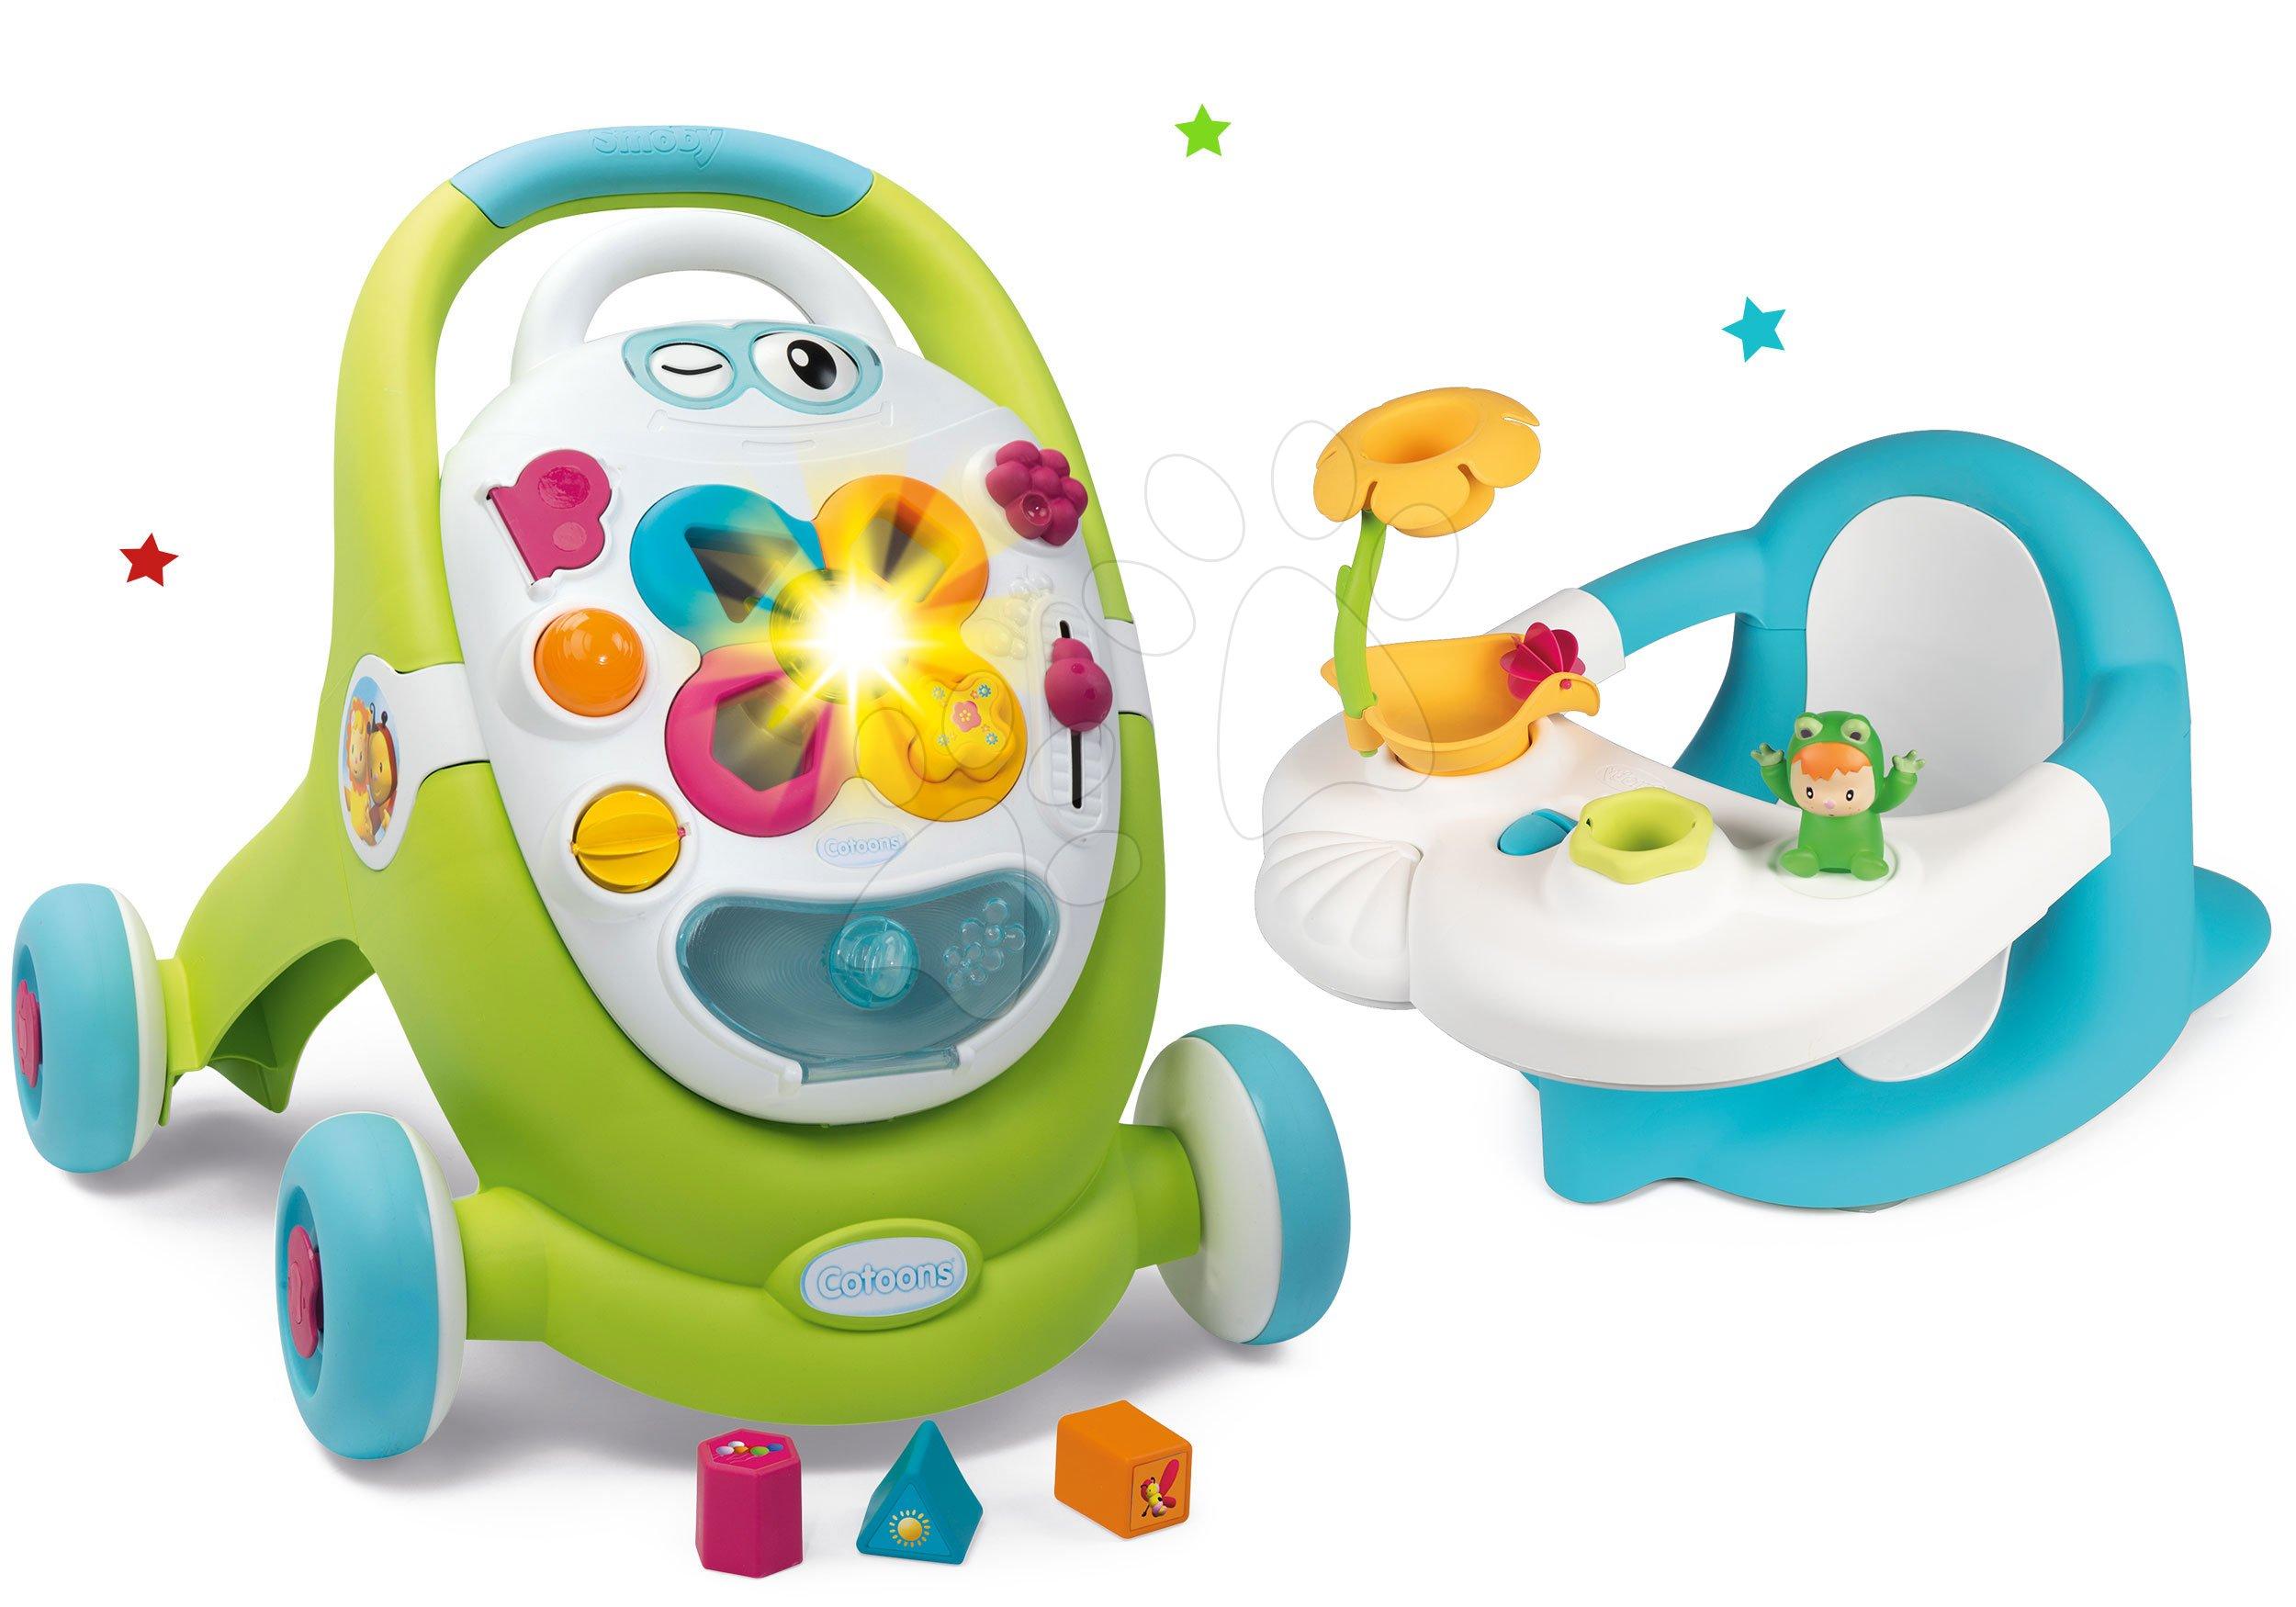 Hračky pro miminka - Set chodítko s didaktickým kufříkem Trott Cotoons 2v1 Smoby se zvukem a světlem a sedátko do vany Žába s přísavkami